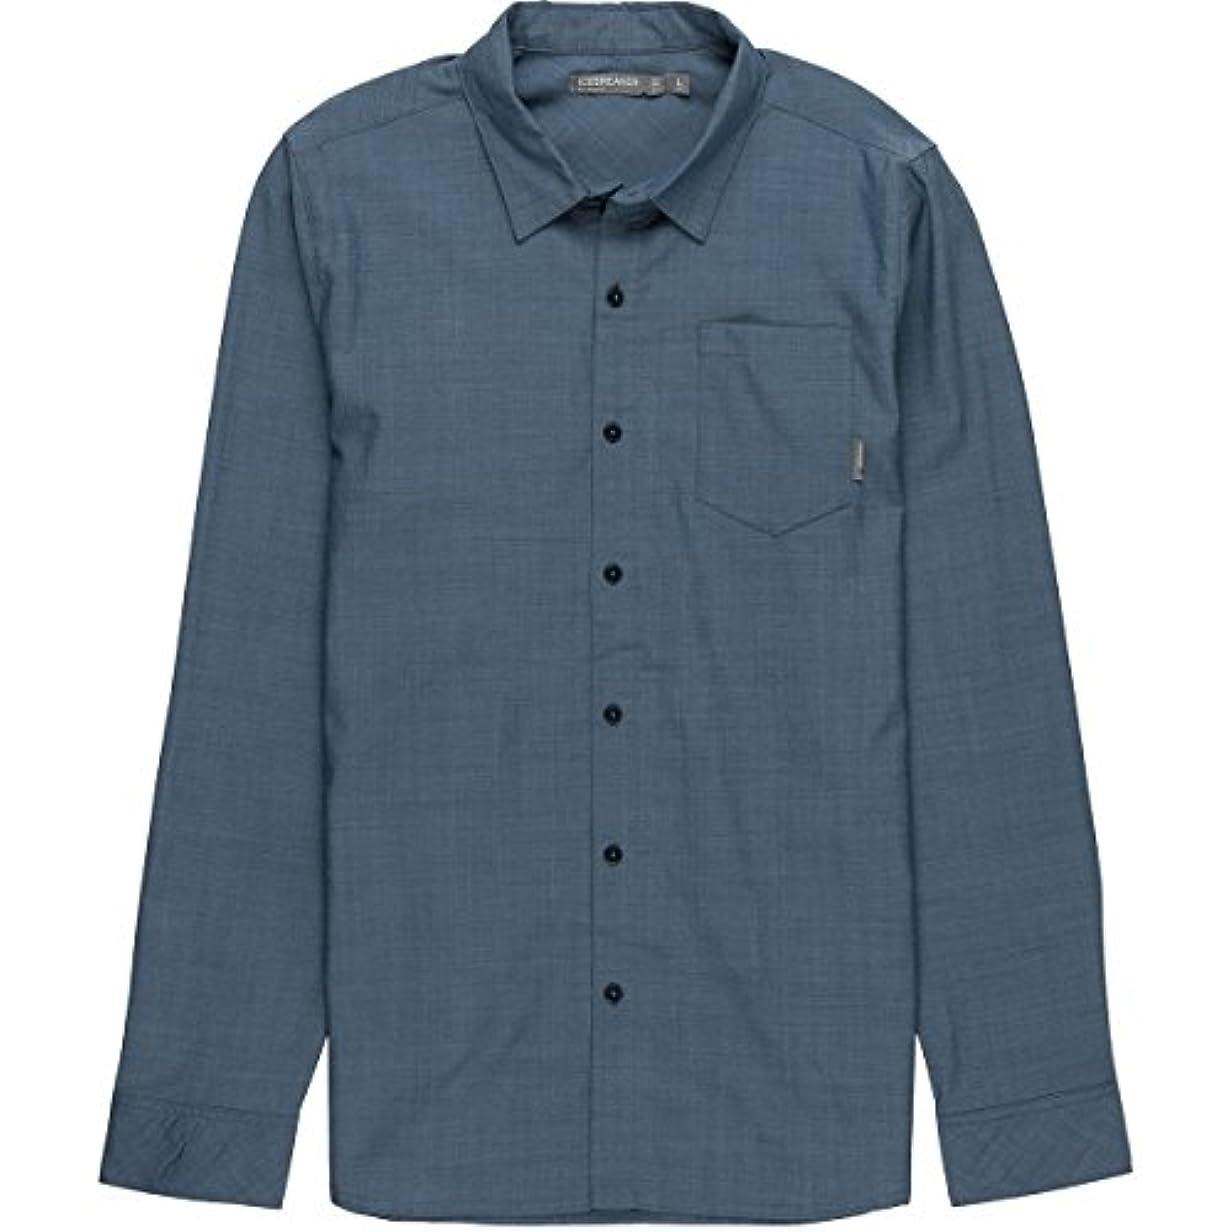 放棄拒否洋服アイスブレーカー トップス シャツ Departure II Shirt - Long-Sleeve - Men's Largo Heat 10j [並行輸入品]